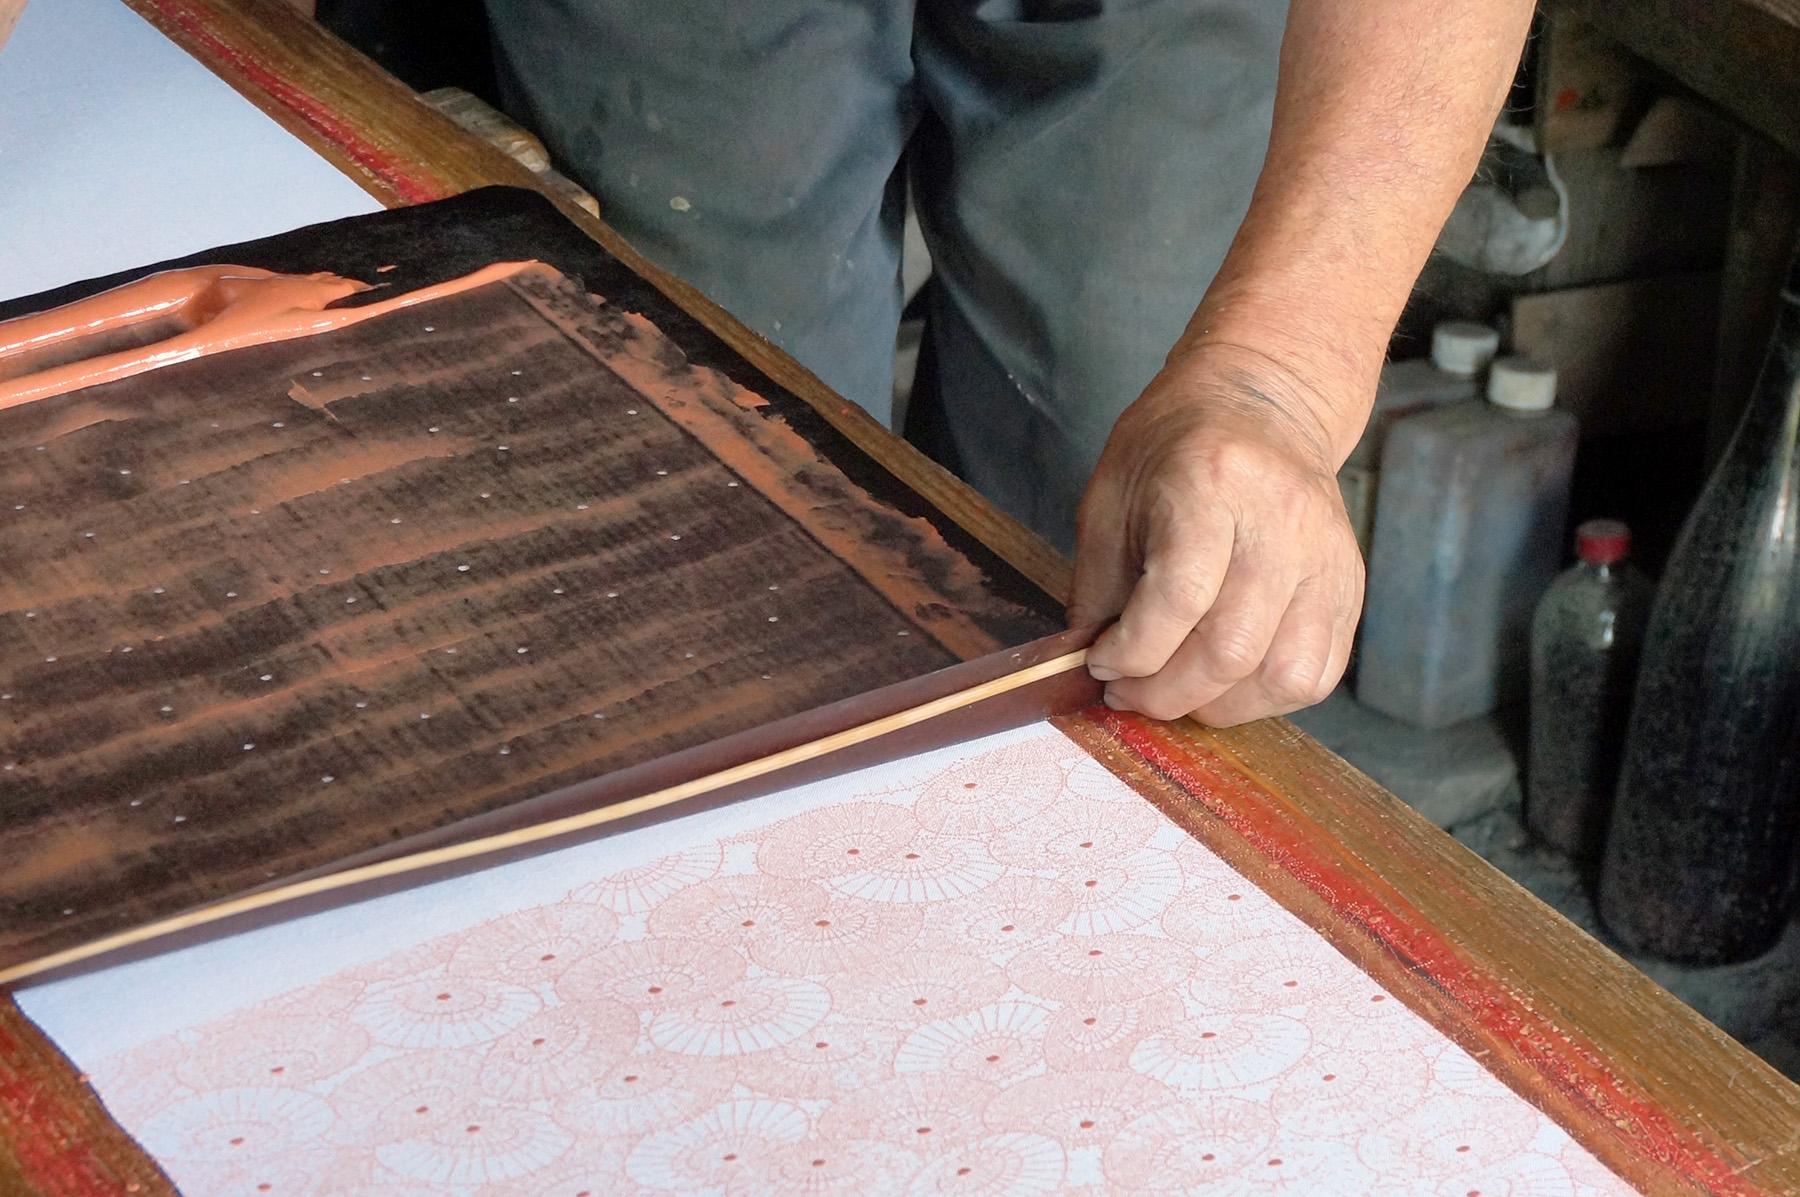 katagami japon artisan pochoir